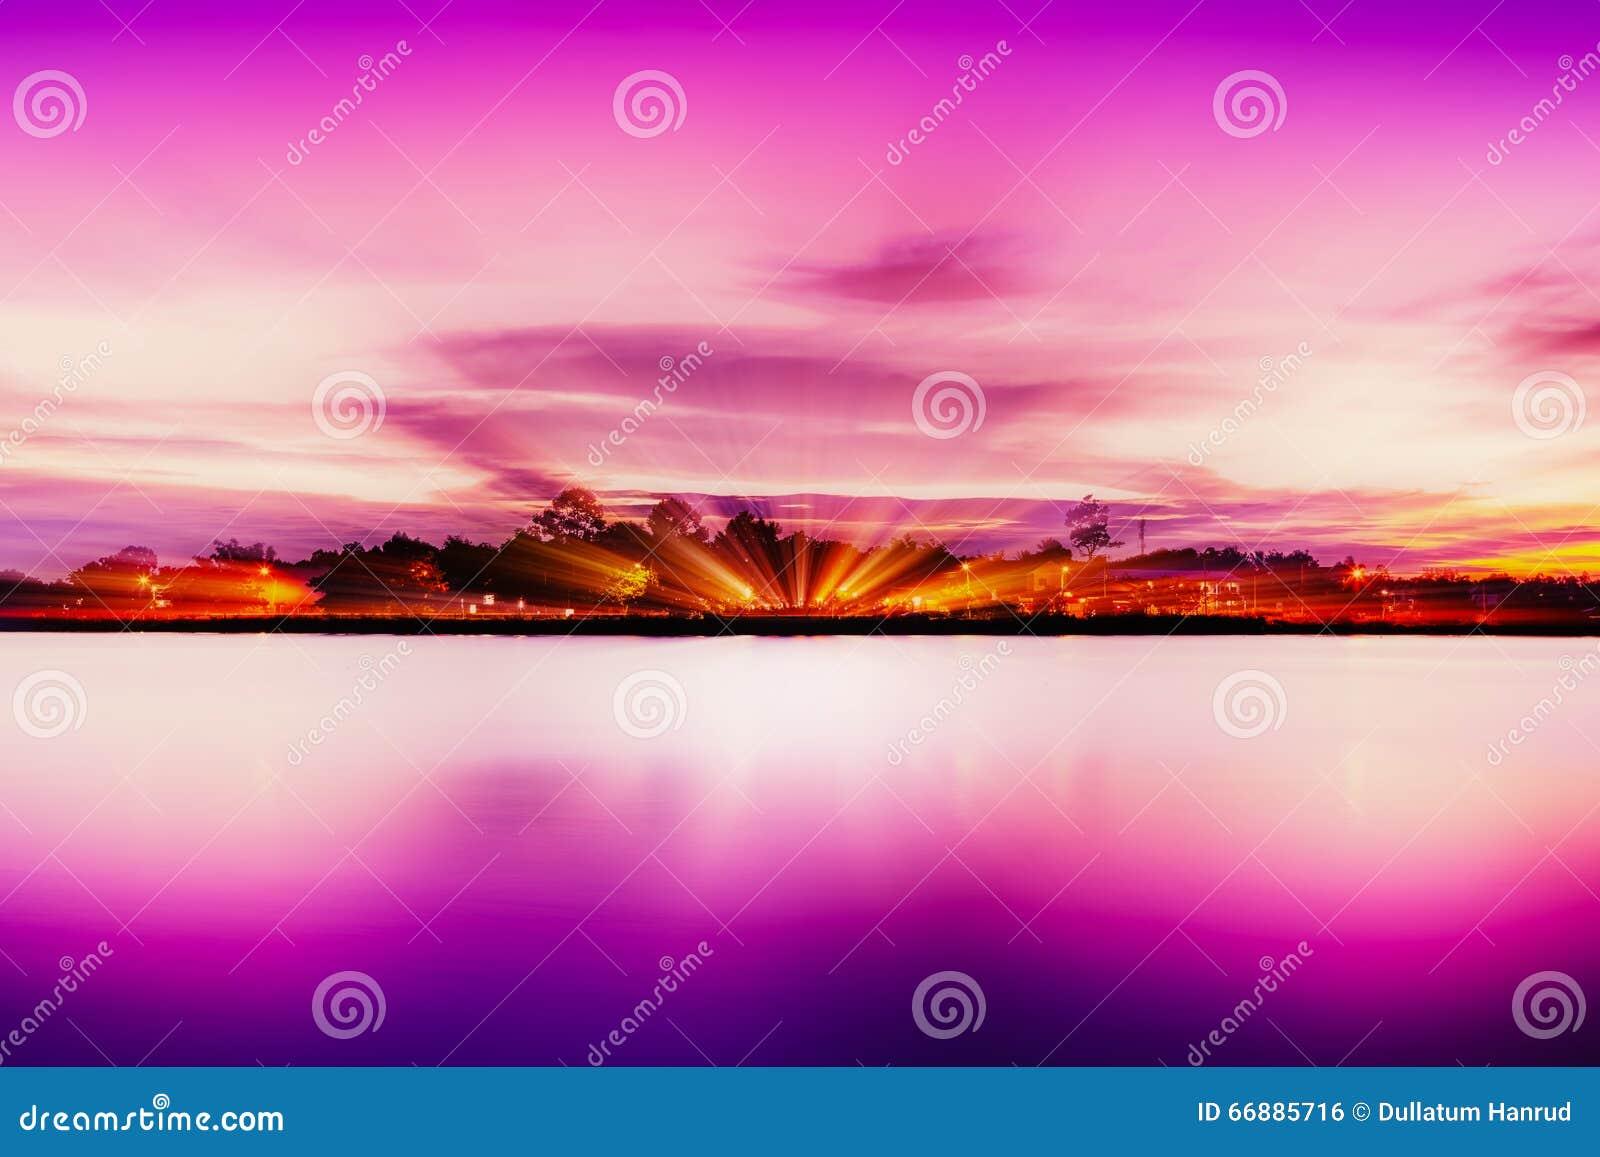 Kust van meeruur in roze